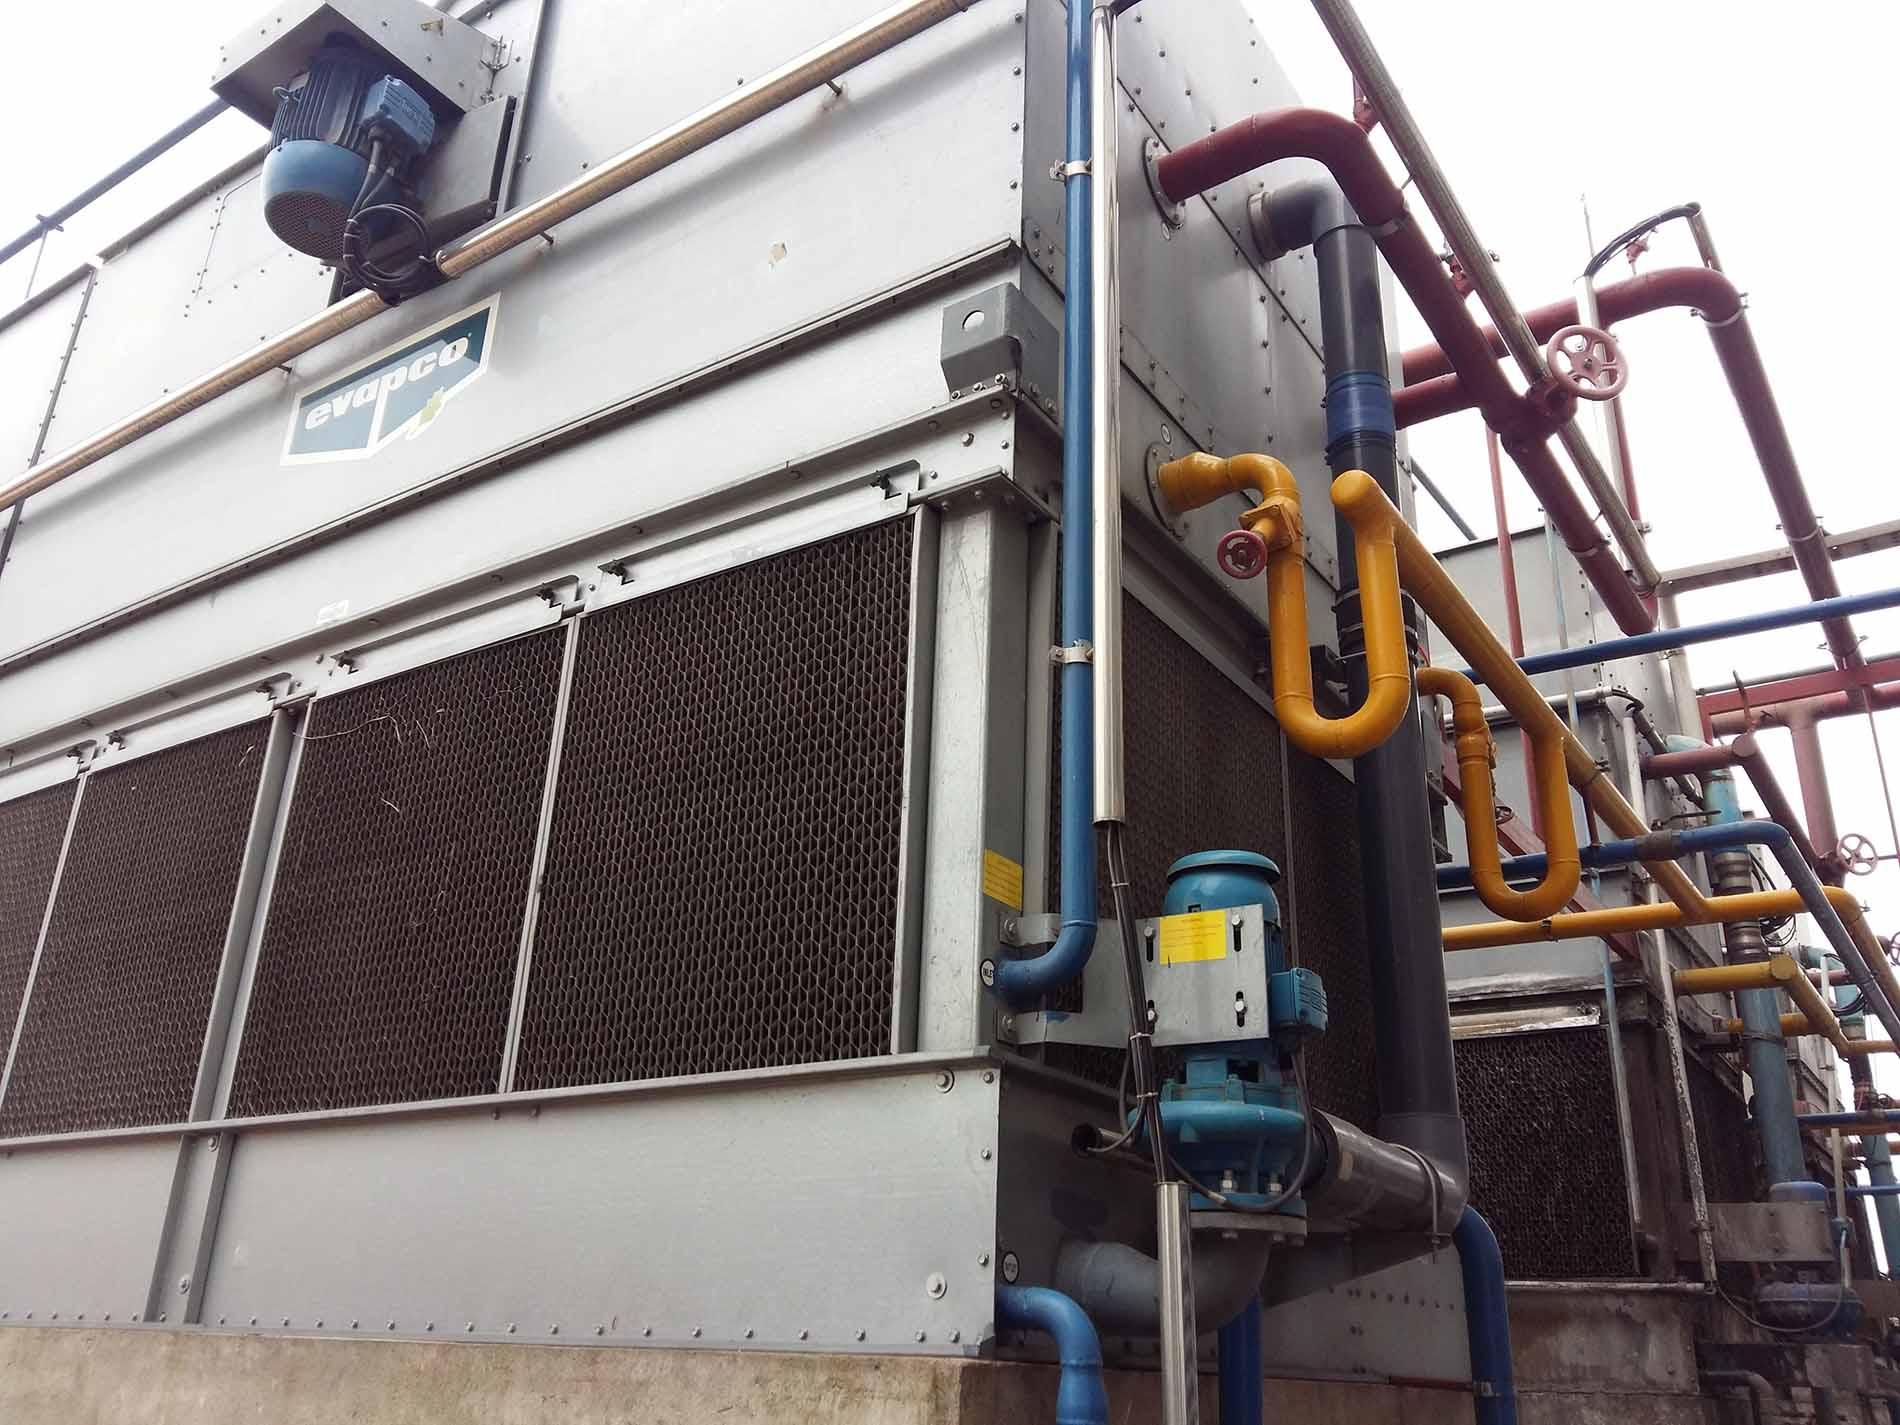 Phương pháp xử lý cáu cặn cho hệ thống giàn ngưng & tháp giải nhiệt